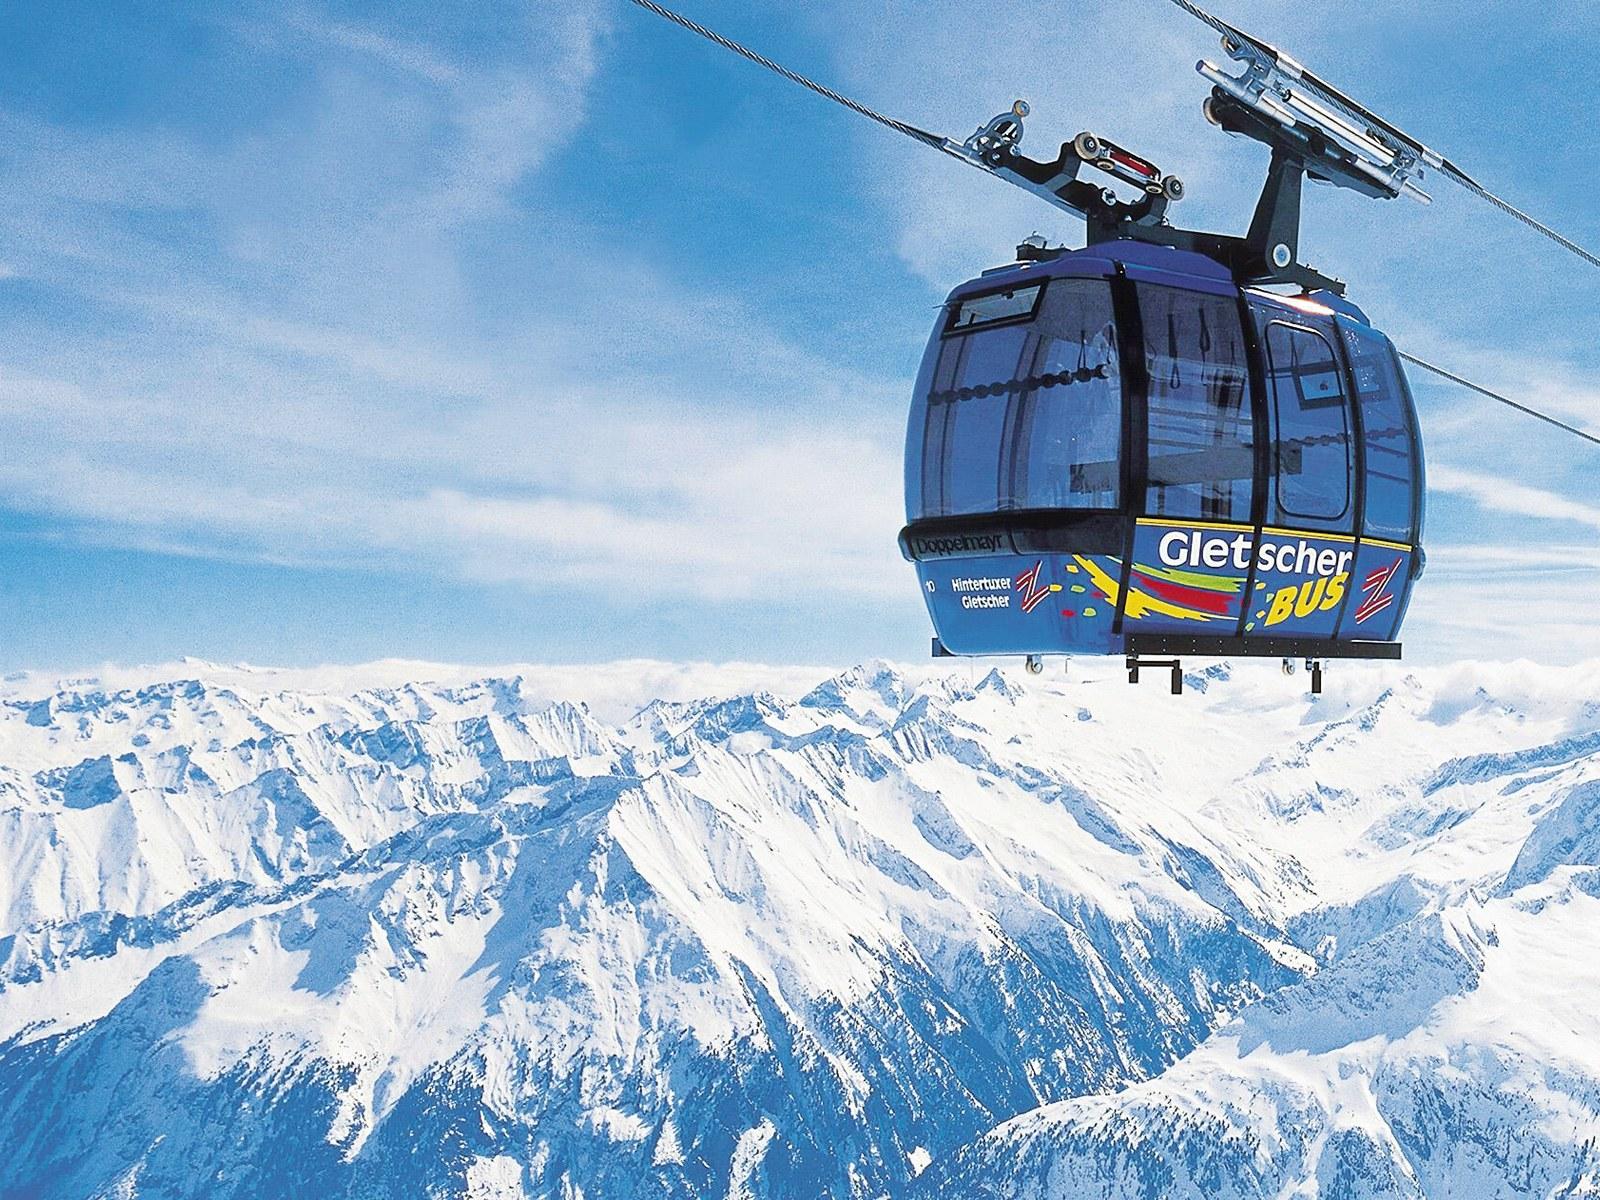 壁纸1600×1200滑雪圣地 阿尔卑斯山度假壁纸 高山缆车图片壁纸壁纸 滑雪圣地阿尔卑斯山度假壁纸壁纸图片人文壁纸人文图片素材桌面壁纸